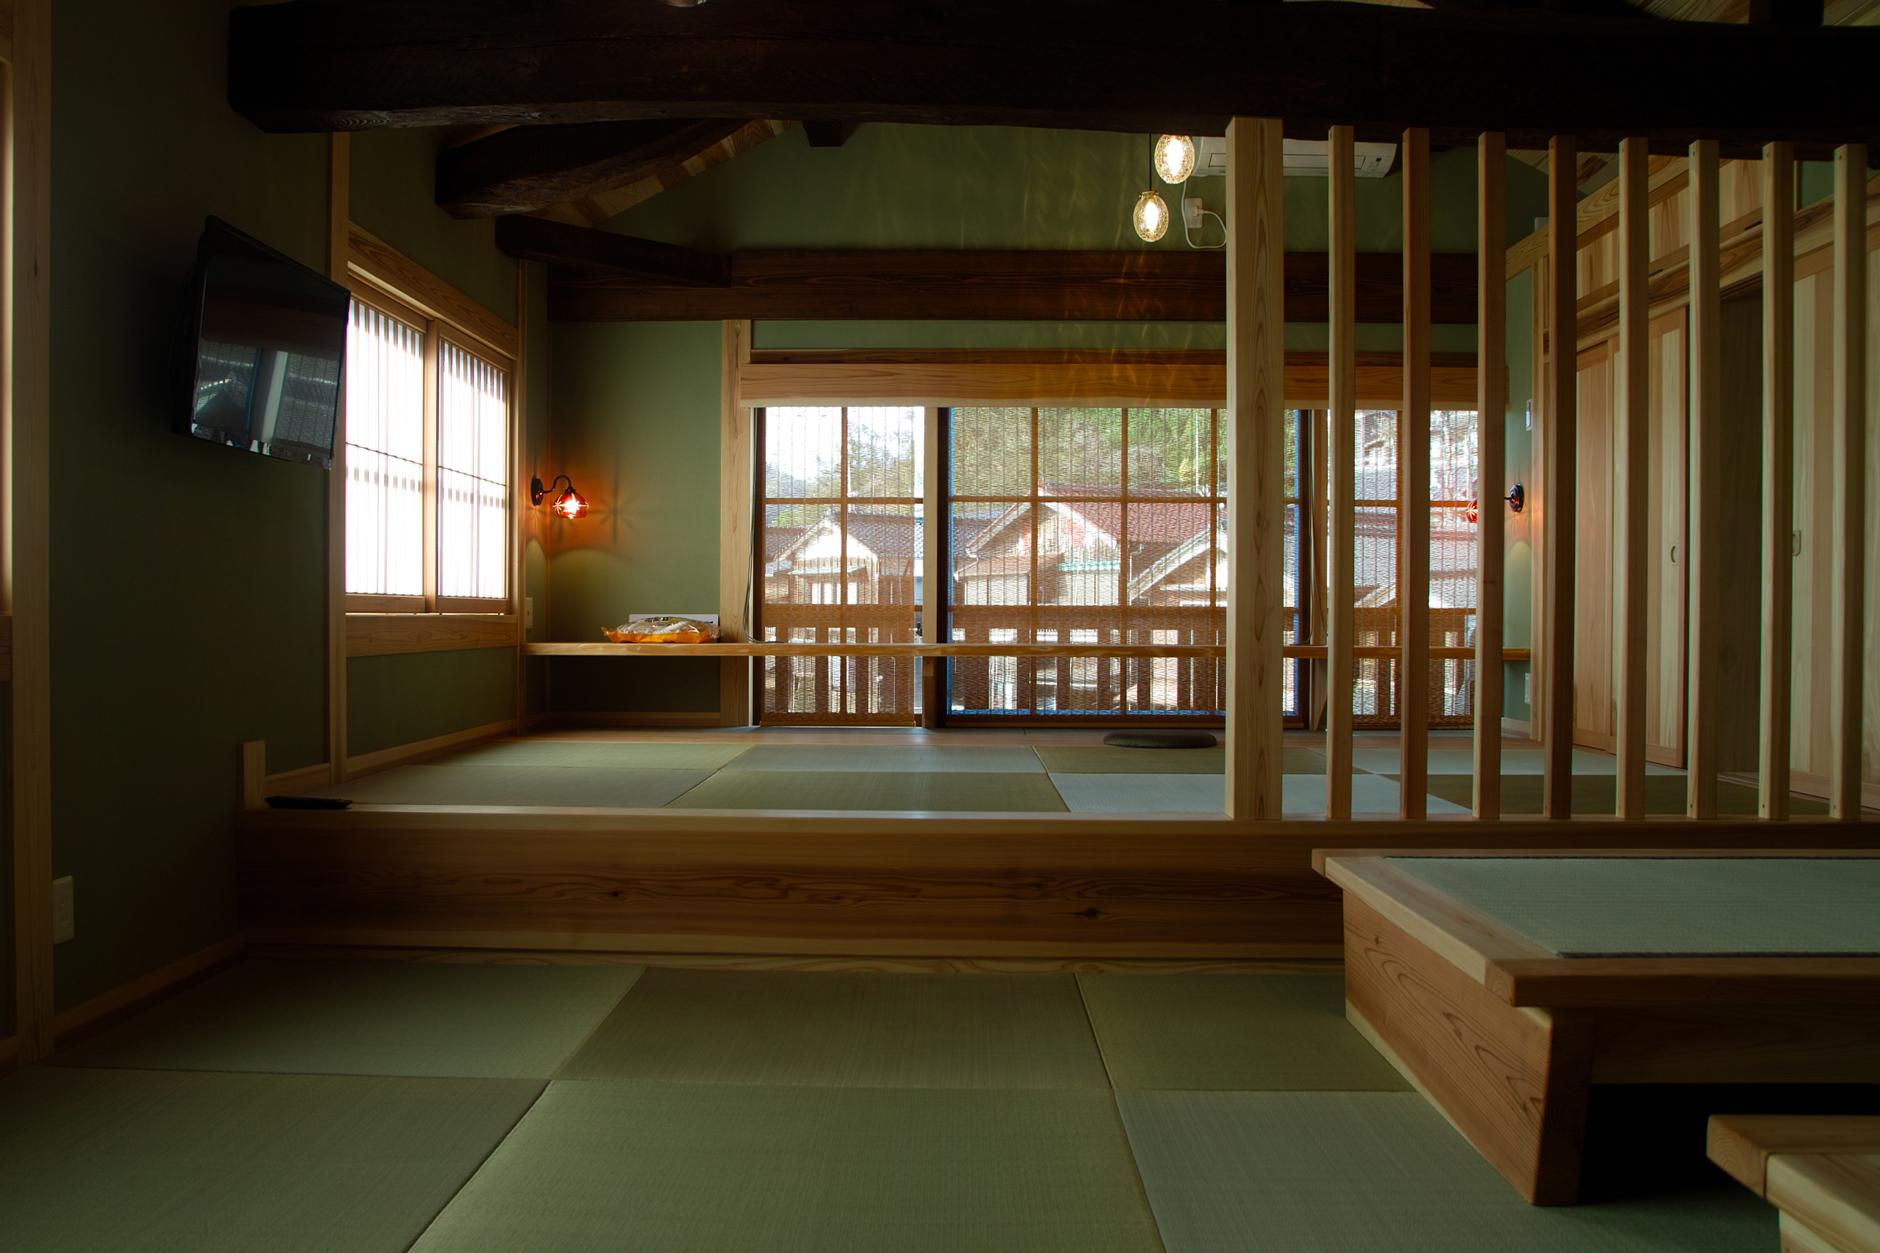 縁なし畳(琉球畳)づくしの部屋